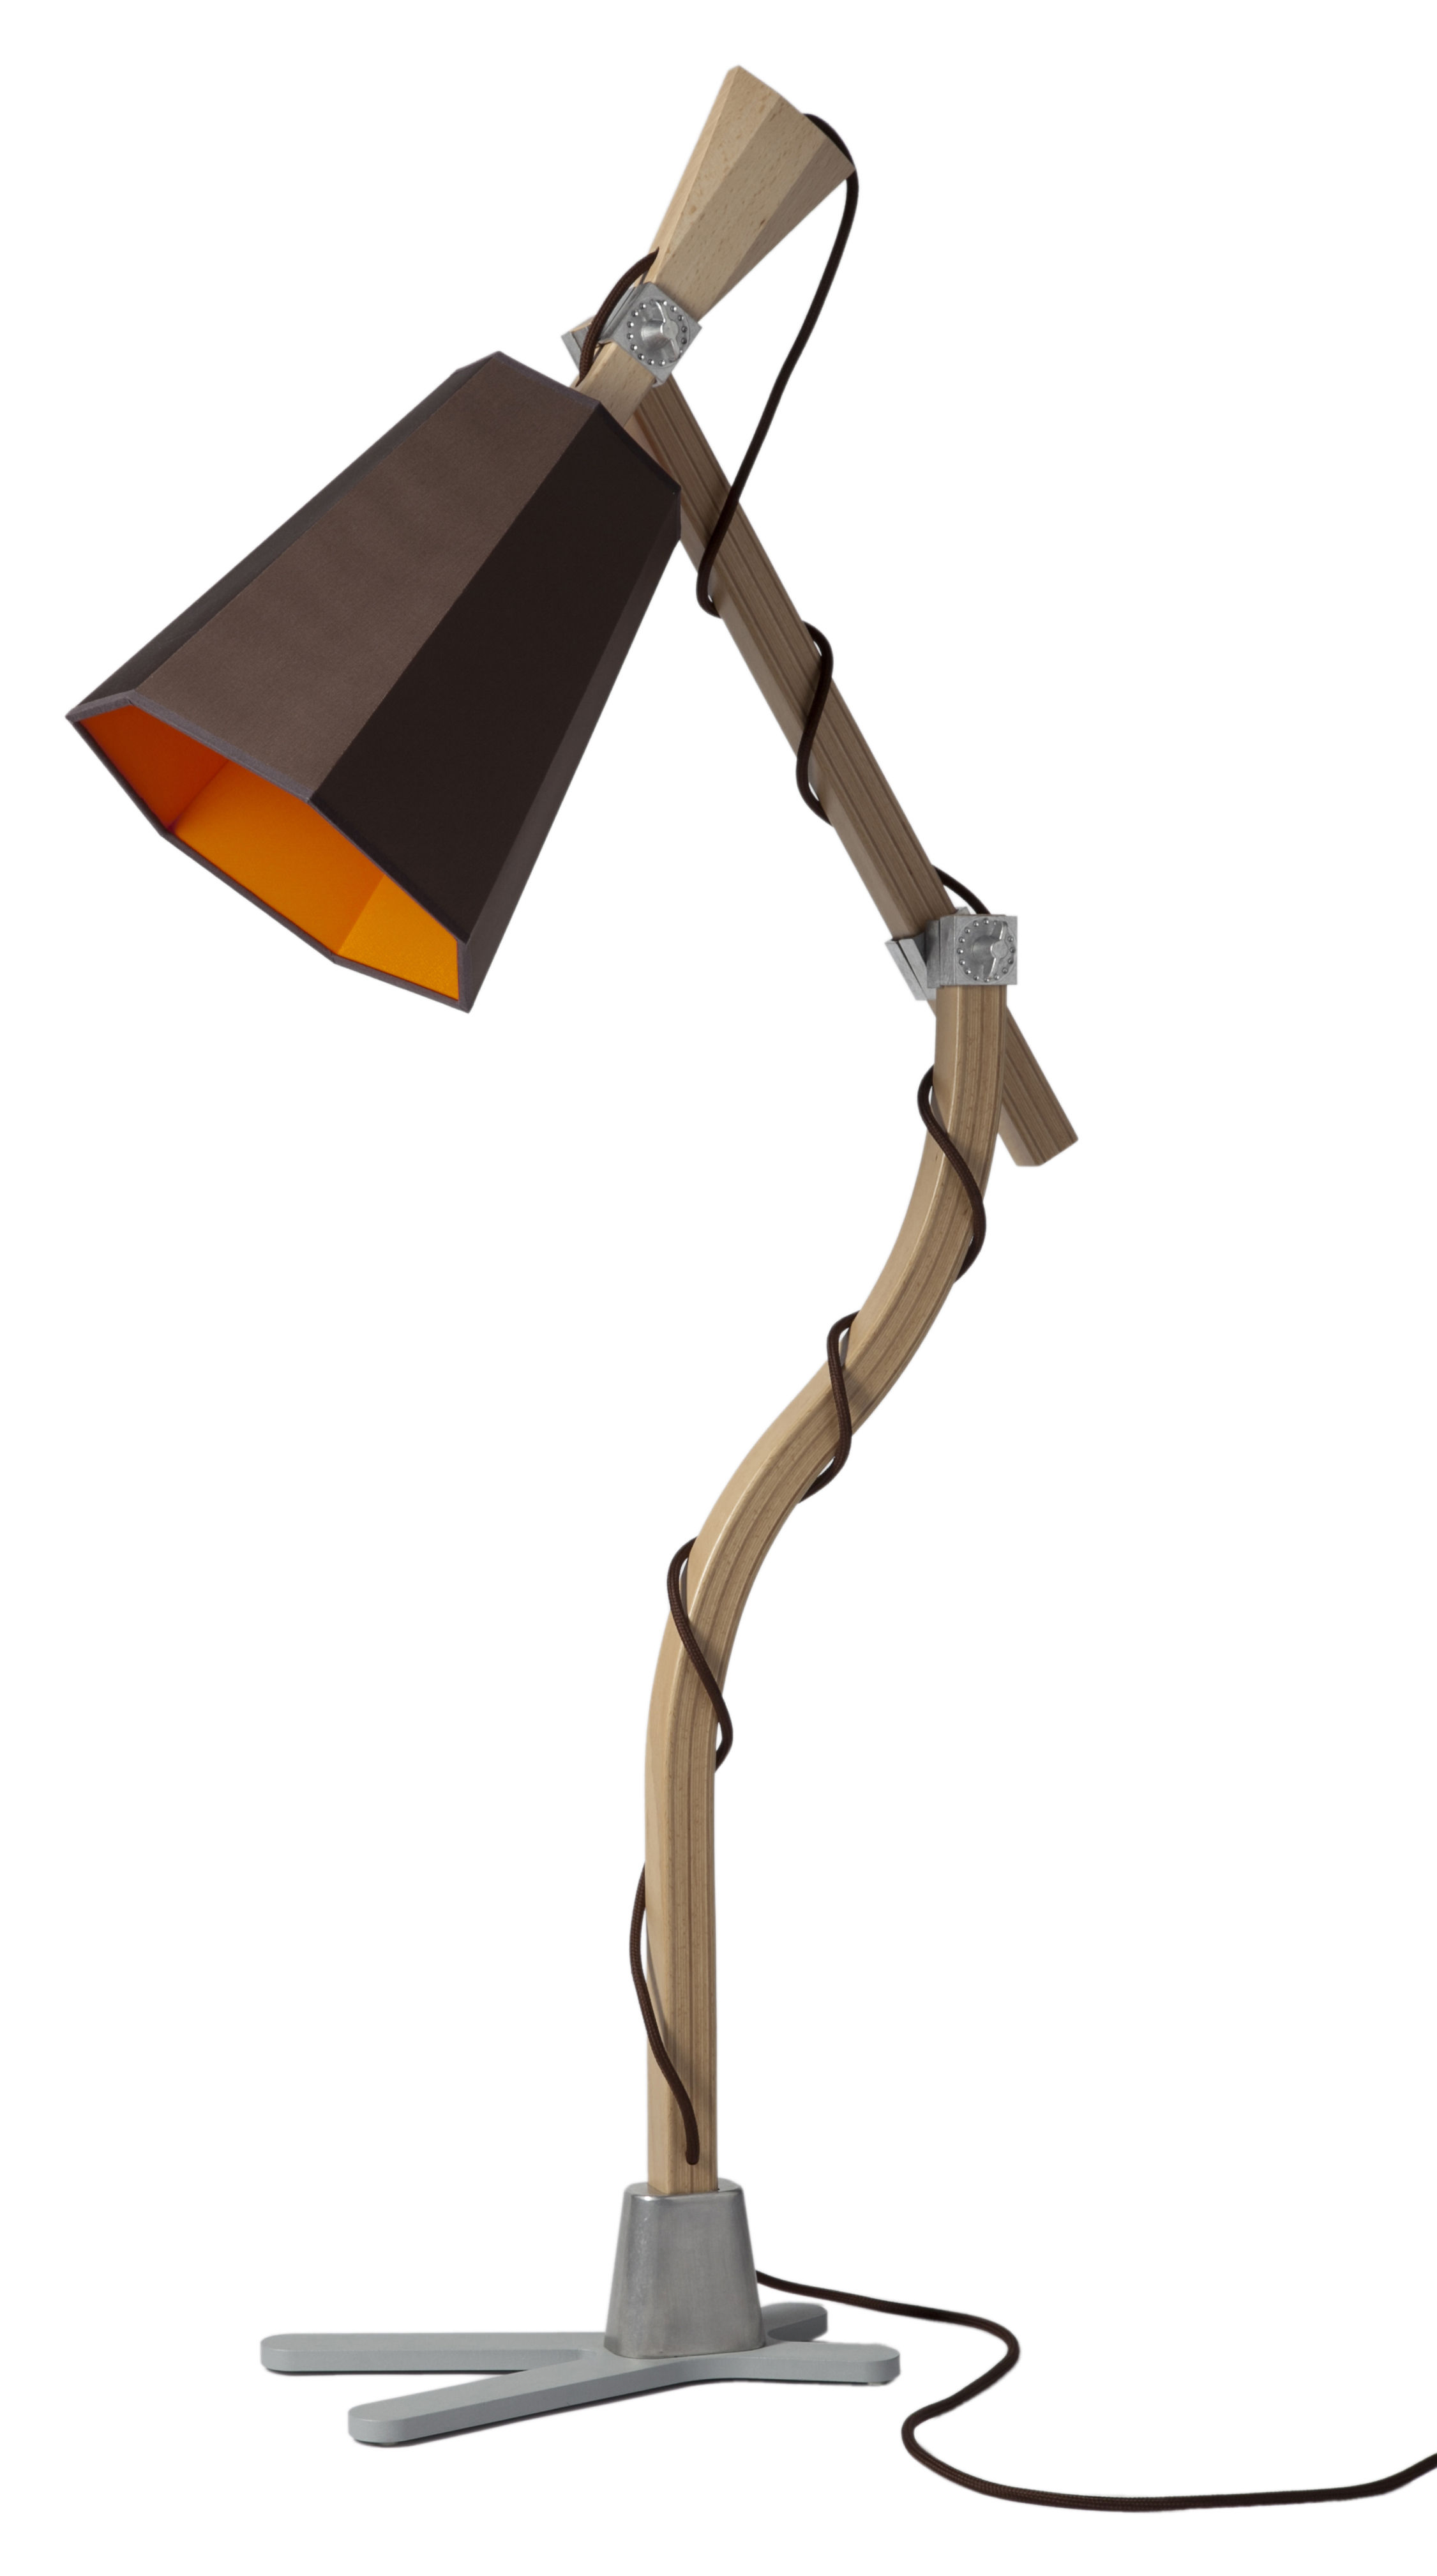 Illuminazione - Lampada da tavolo LuXiole - H 88 cm di Designheure - Paralume Marrone / int. Arancione - Acciaio laccato, Cotone, Faggio